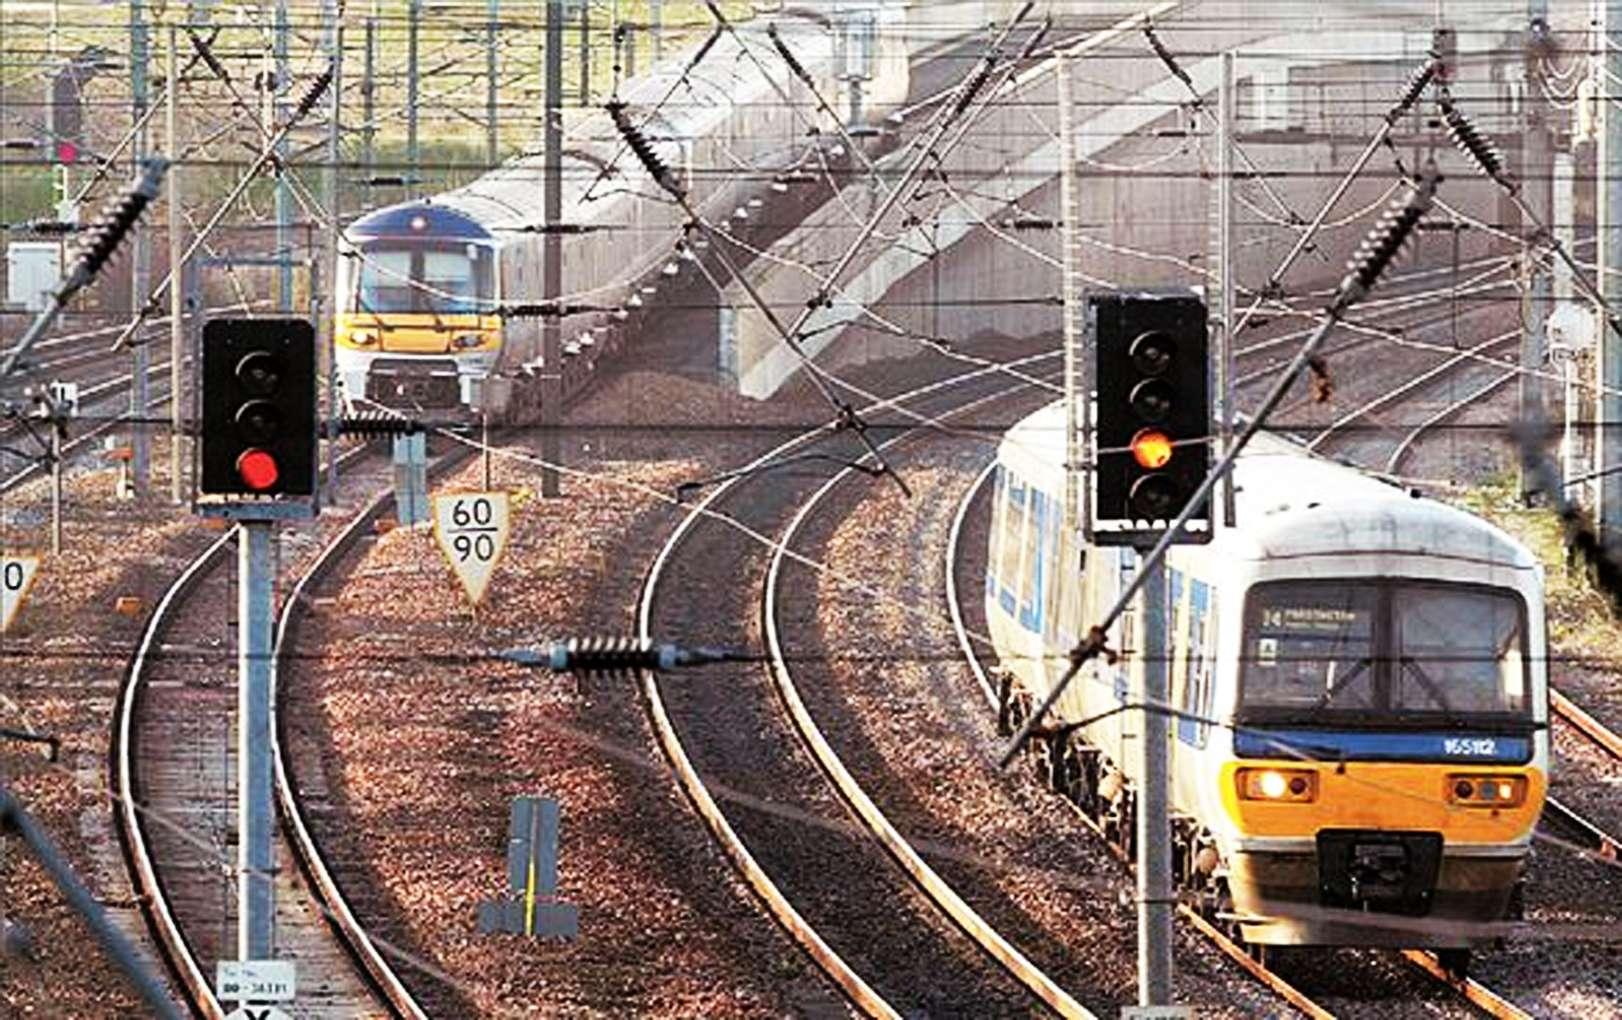 Αγγλία Κρατικοποιούνται σιδηρόδρομοι ο λαός πληρώνει το μάρμαρο